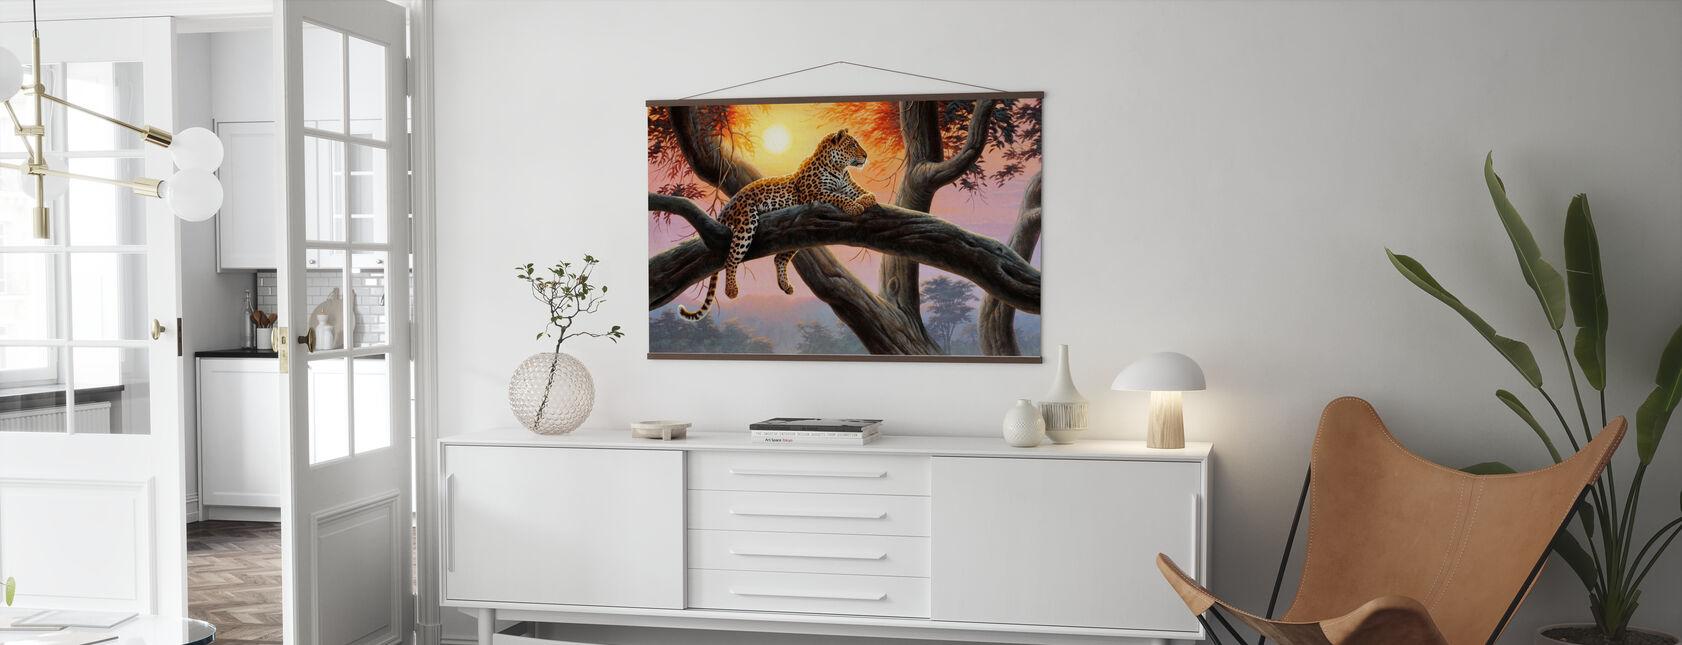 Abenduhr - Leopard - Poster - Wohnzimmer